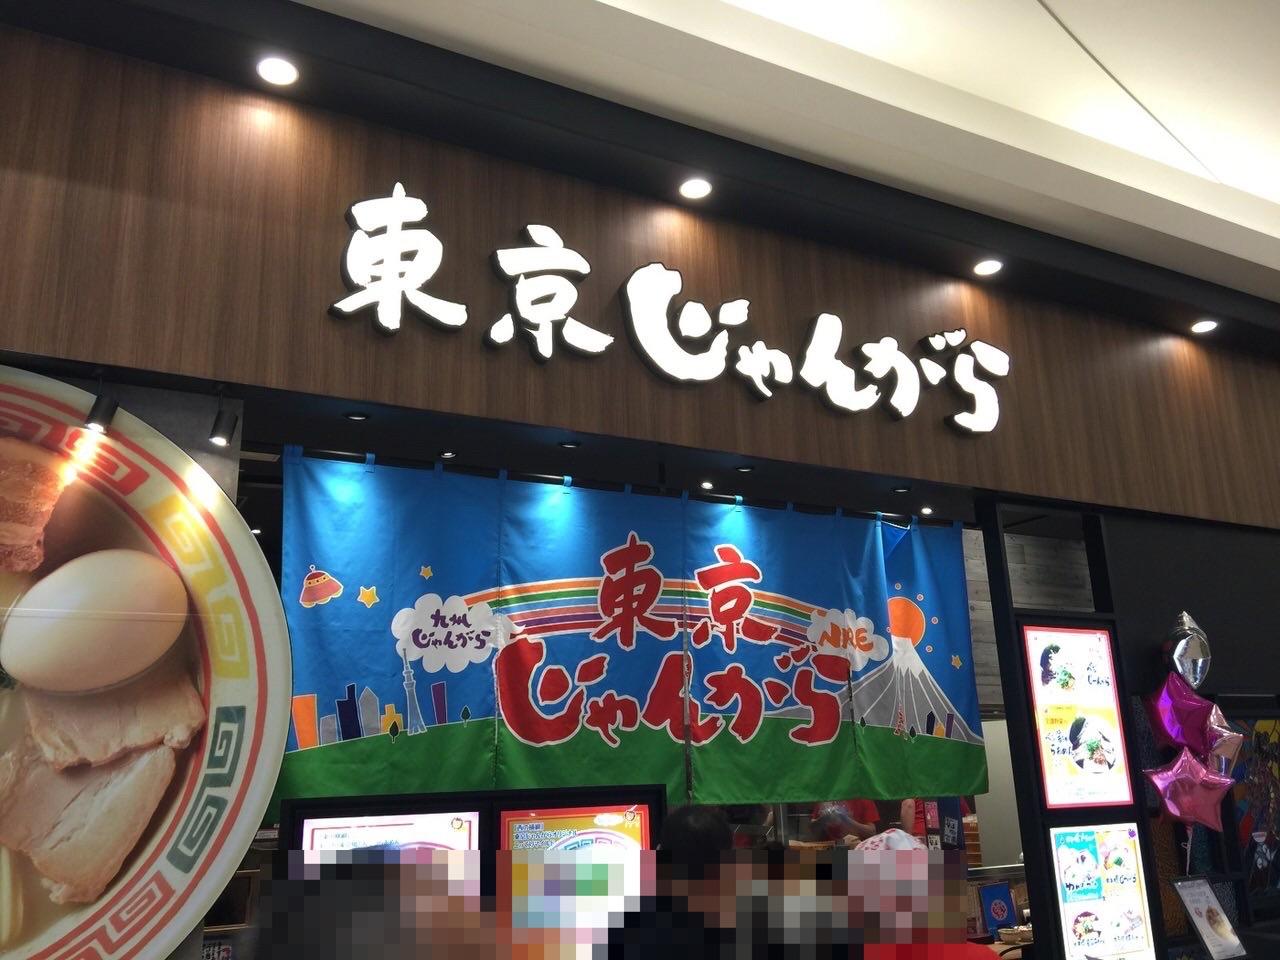 九州じゃない「東京じゃんがら」浦和美園イオンにオープン!早速、食べてきた 〜九州じゃんがらとの違いは?